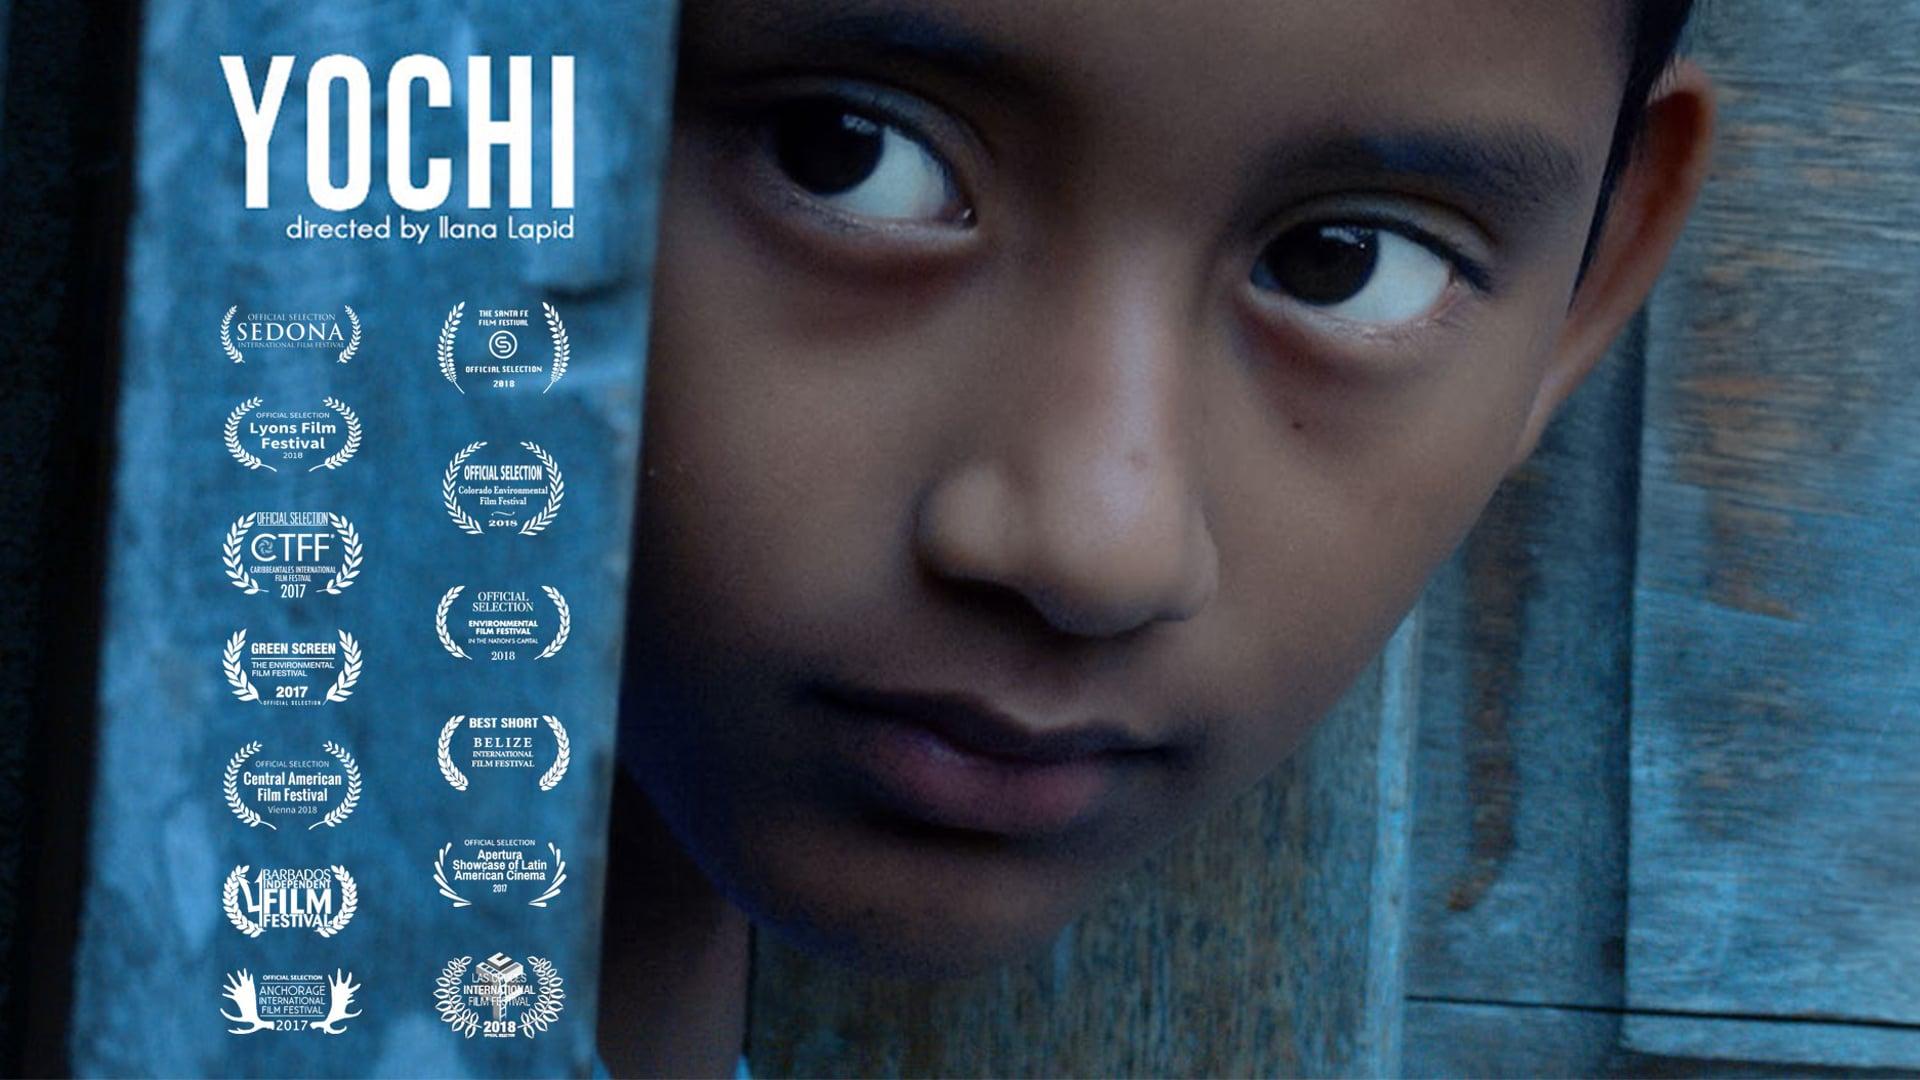 Yochi Trailer